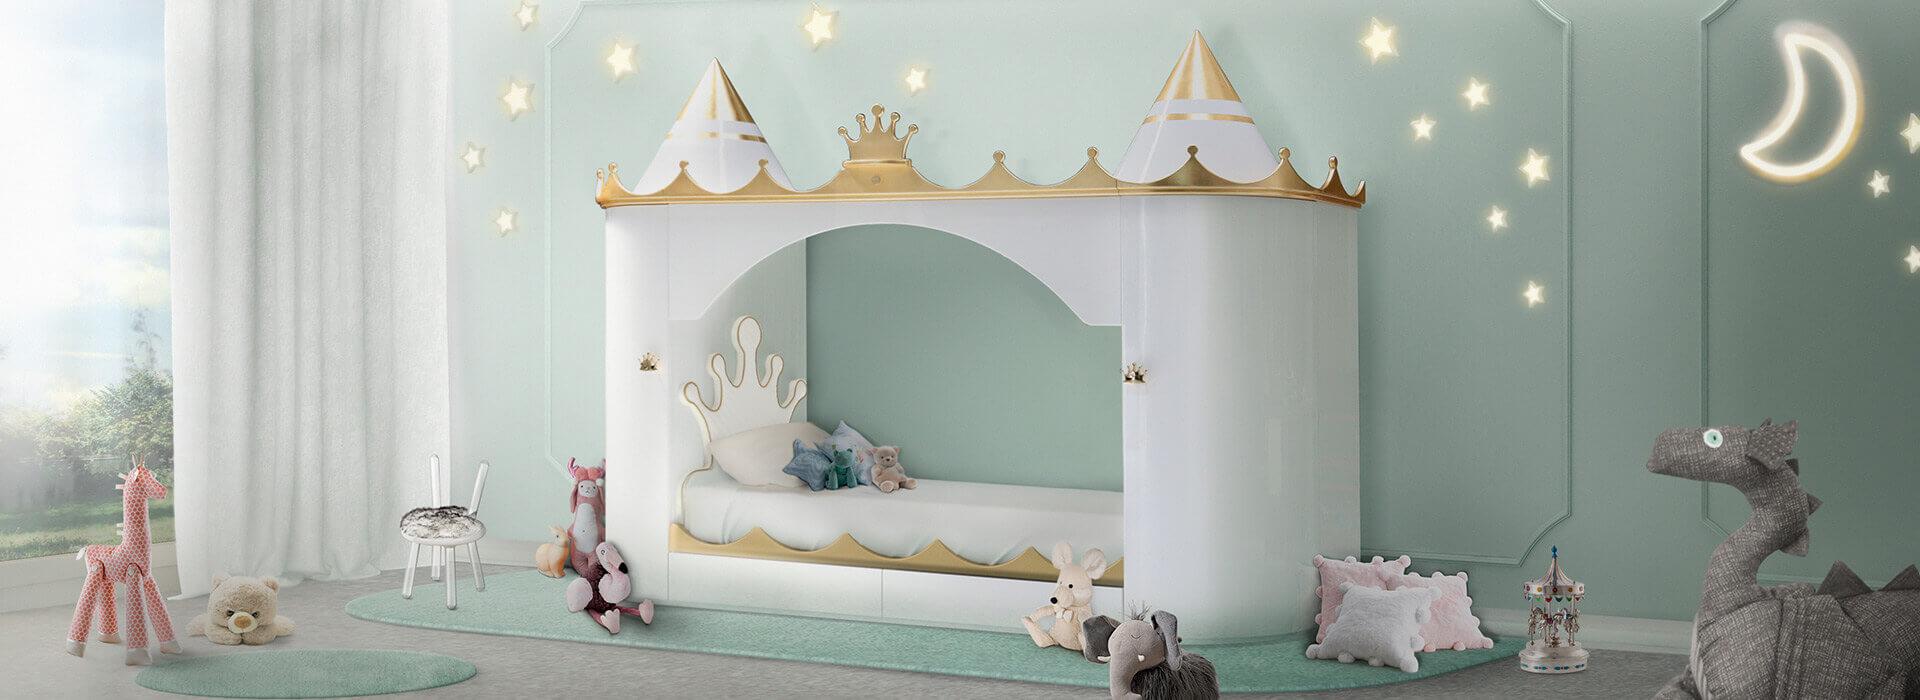 circu magical furniture luxury brand for children